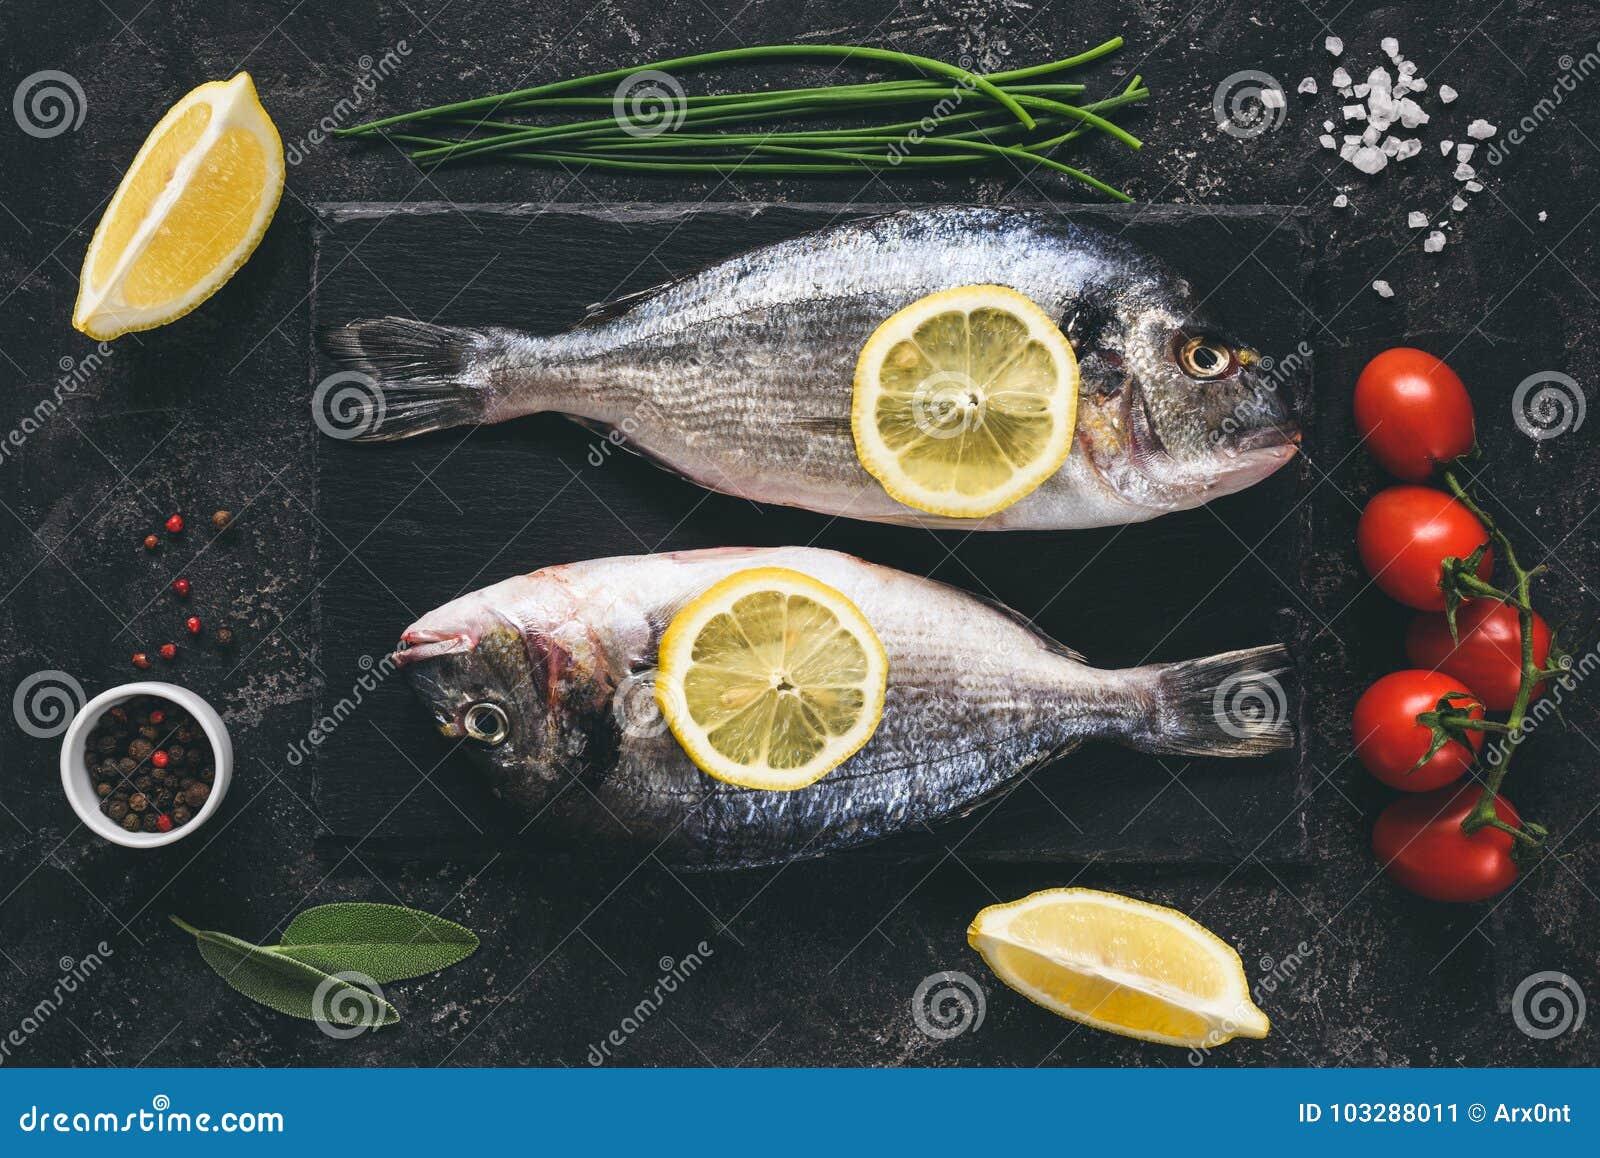 Pesce fresco con le spezie le verdure e le erbe sul fondo dell 39 ardesia pronto per cucinare - Cucinare con le spezie ...